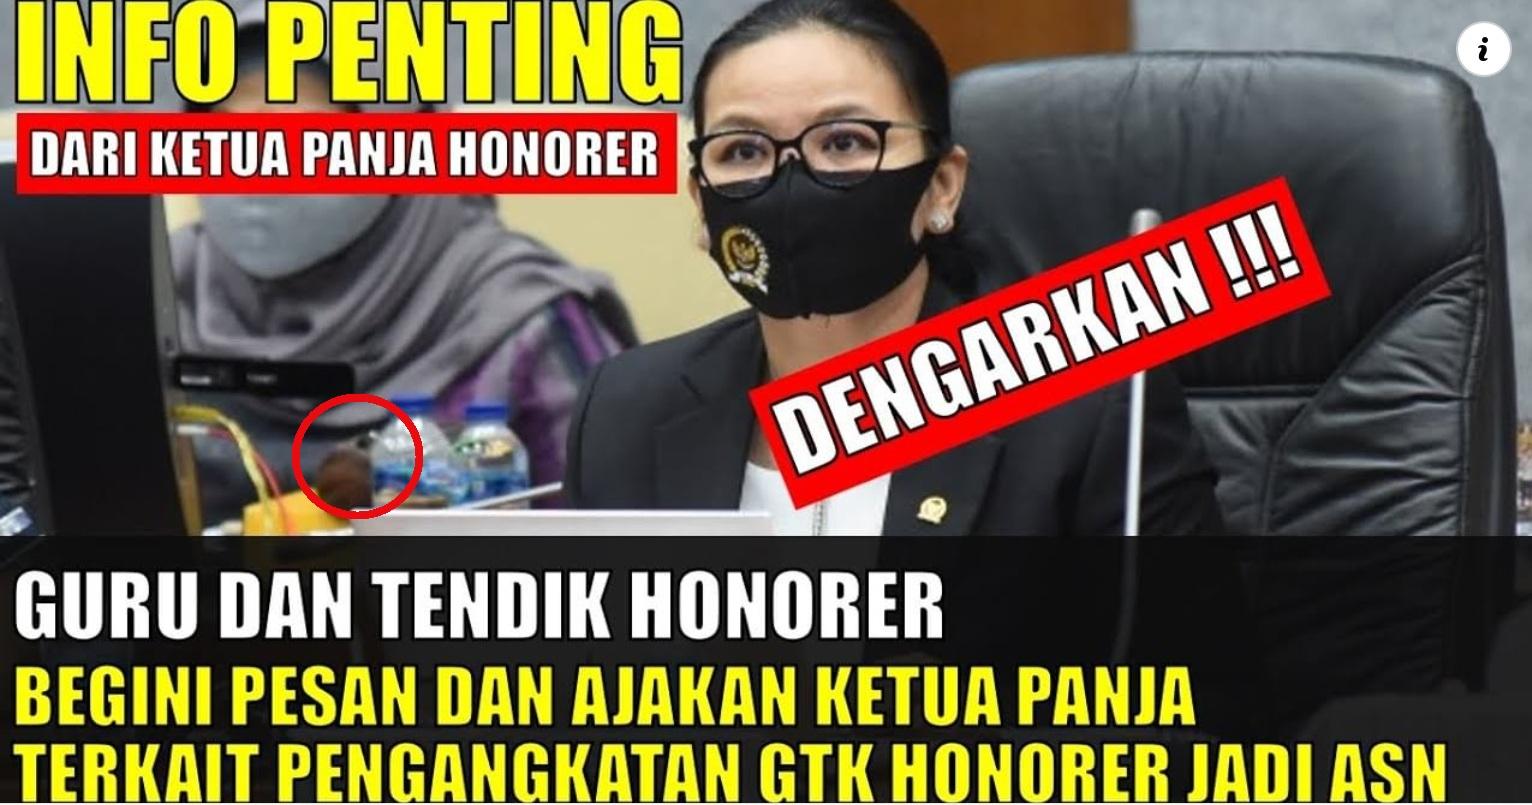 Info penting Dari ketua Panja Honorer : Guru dan Tendik Honorer diangkat Menjadi ASN, Pengabdian Menjadi Prioritas Utama